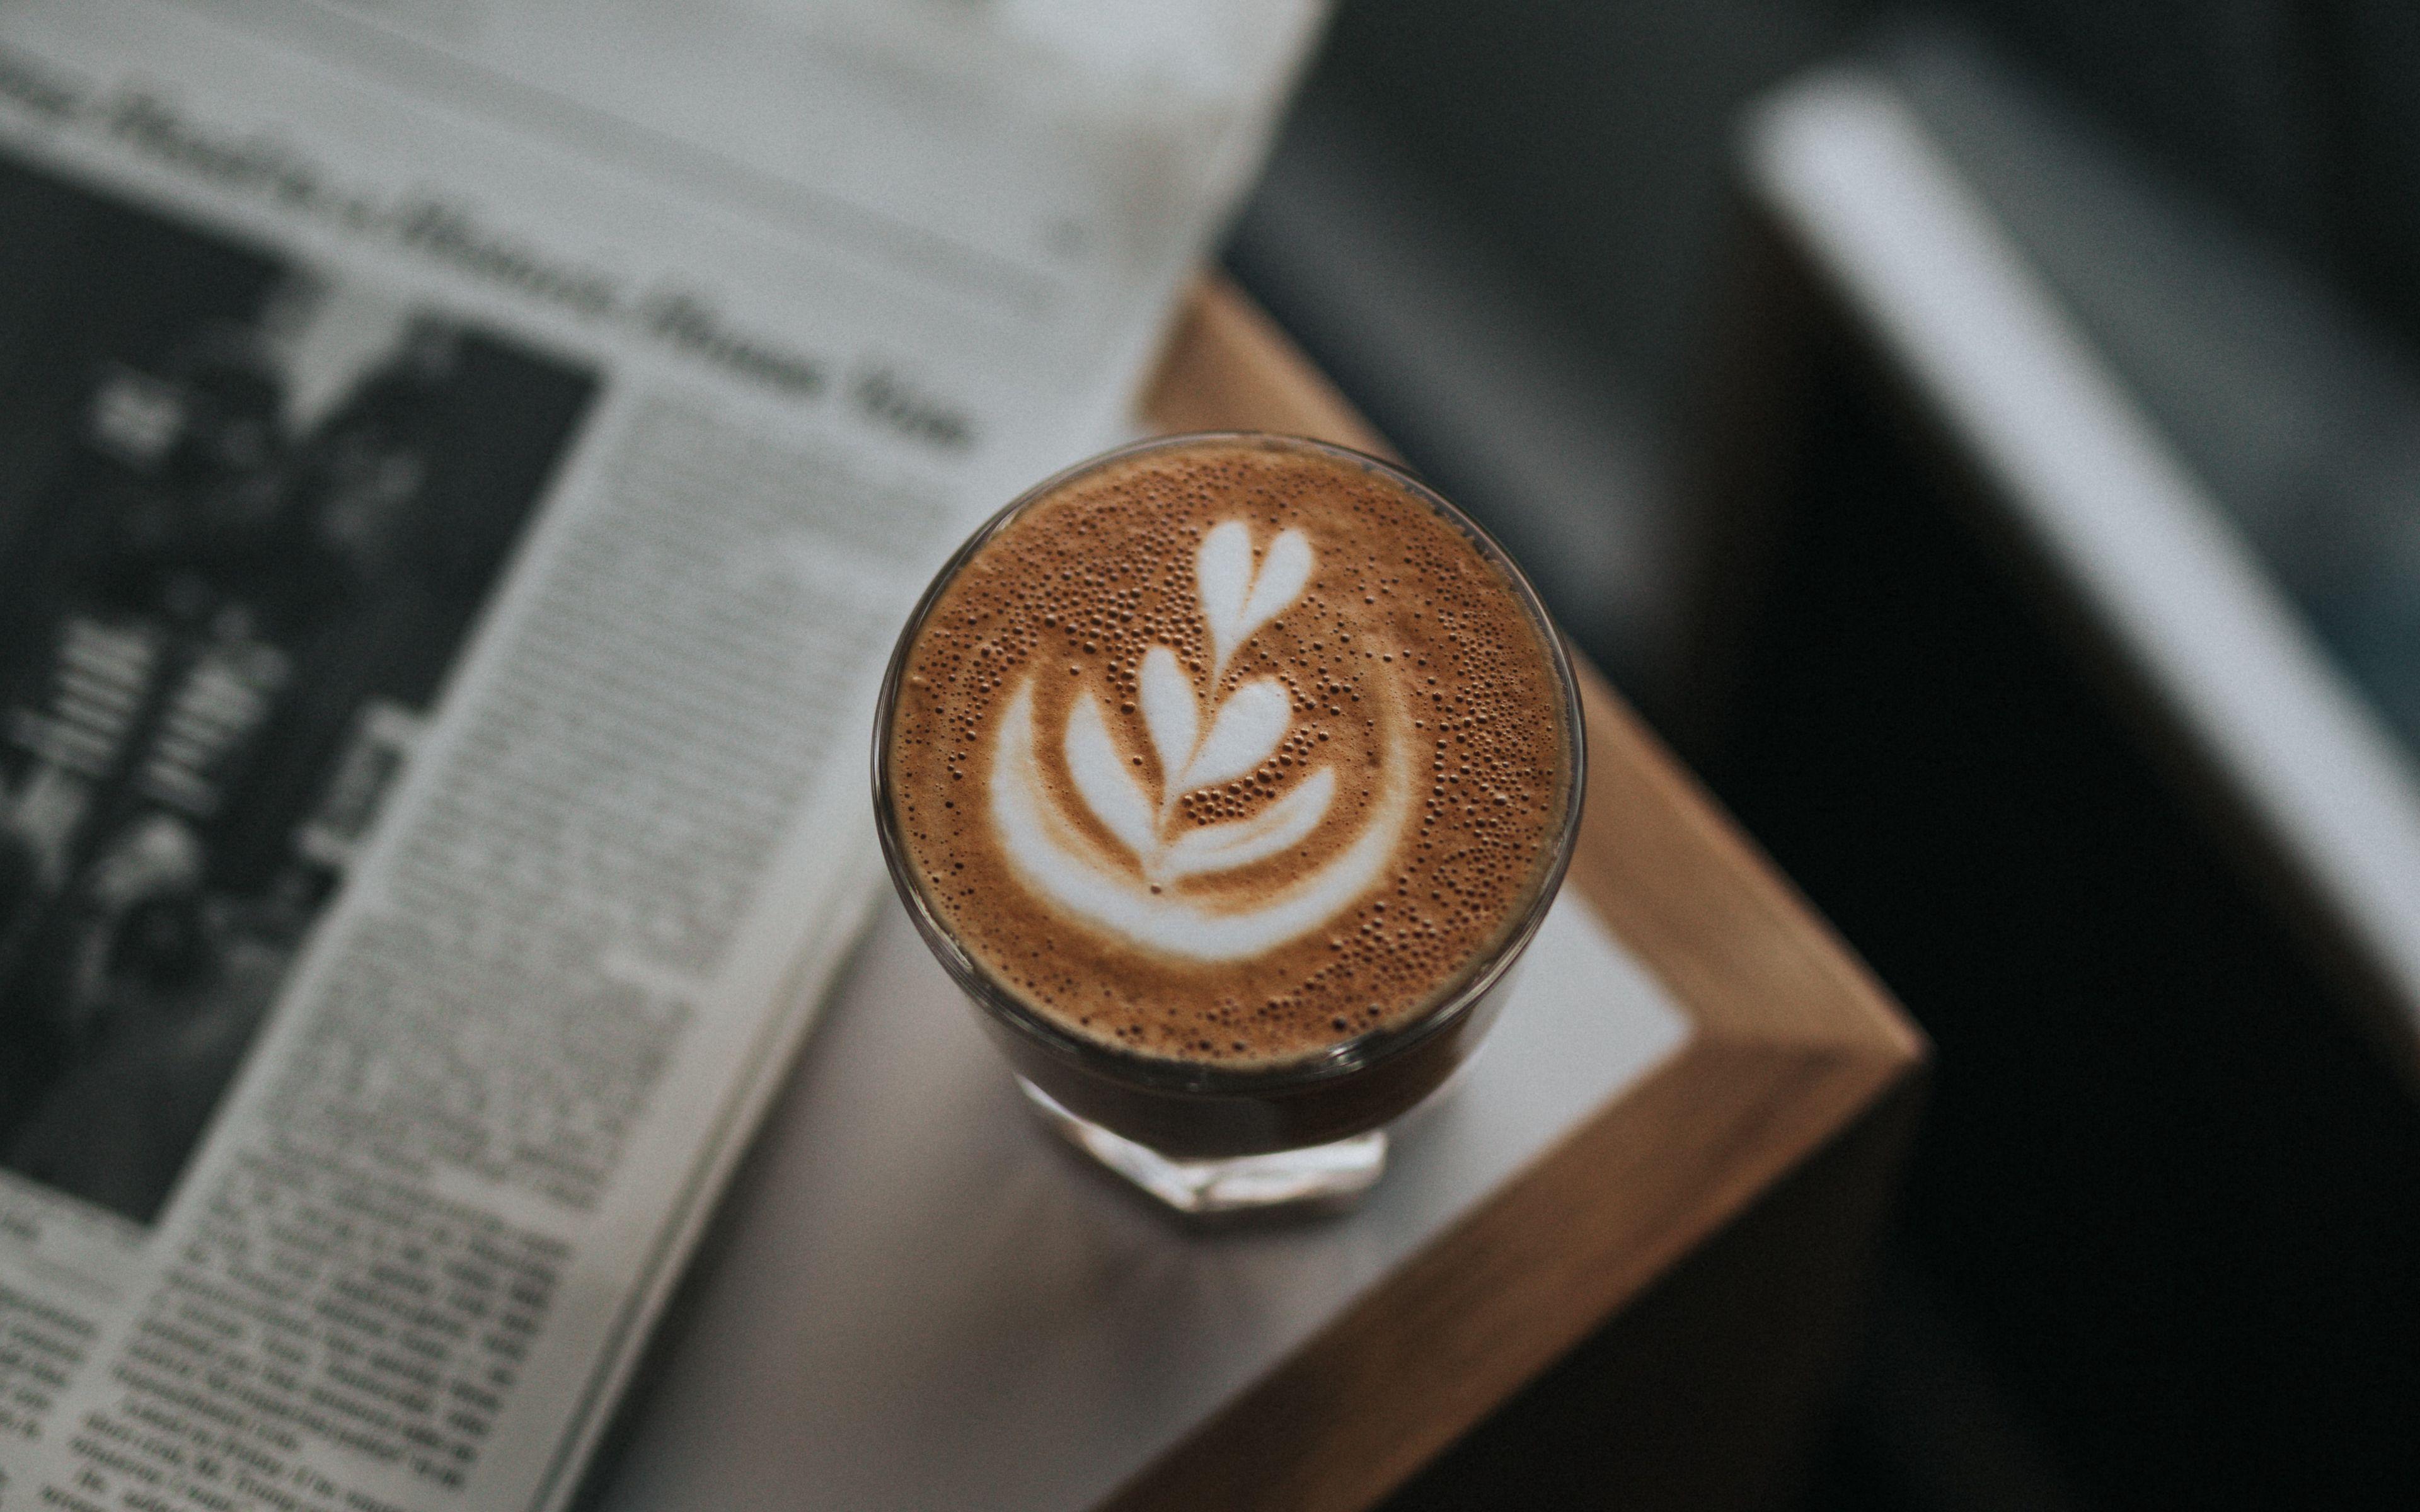 Fondos de pantalla Café junto a periodico